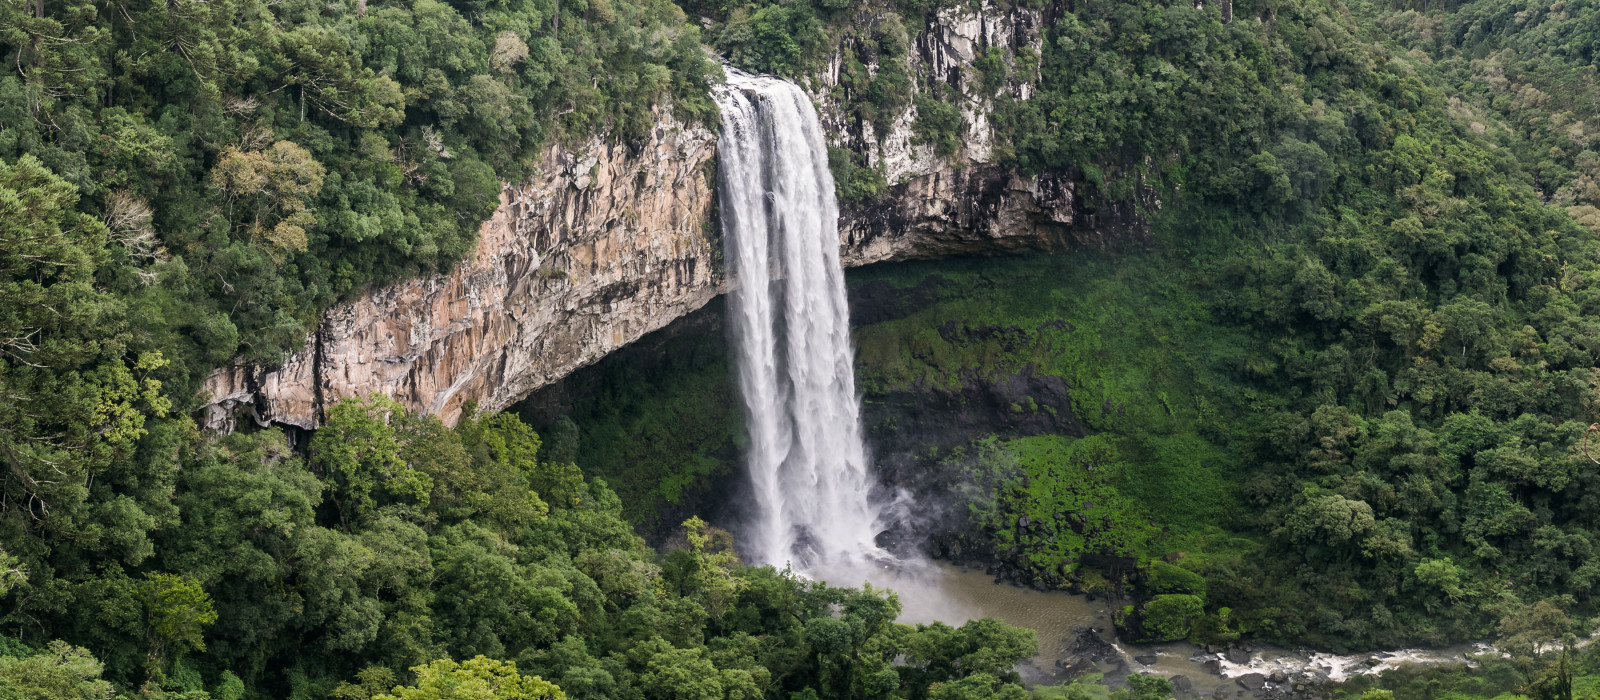 Schöne Aussicht auf den Caracol Wasserfall (Schneckenwasserfall) - Canela- Rio Grande do Sul - Brasilien, Südamerika